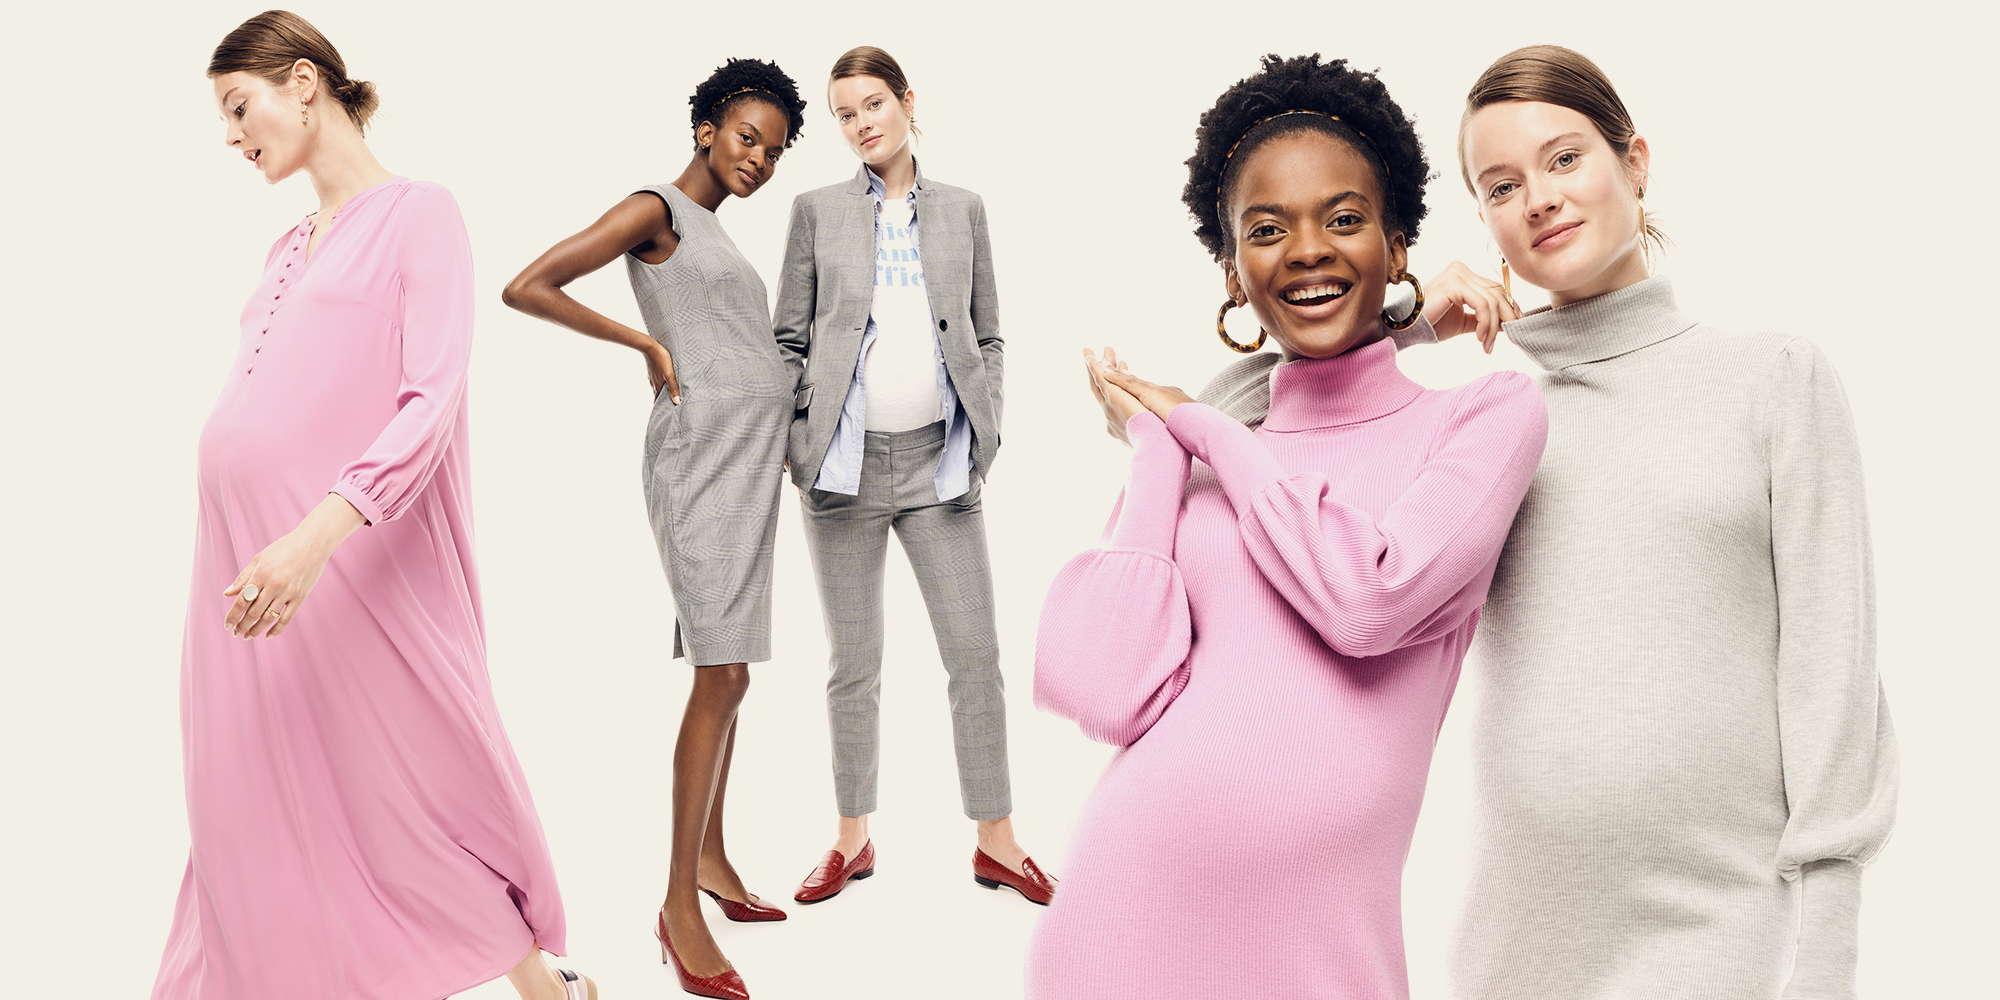 J.Crew в коллаборации с HATCH выпустили офисную одежду для беременных женщин-Фото 1